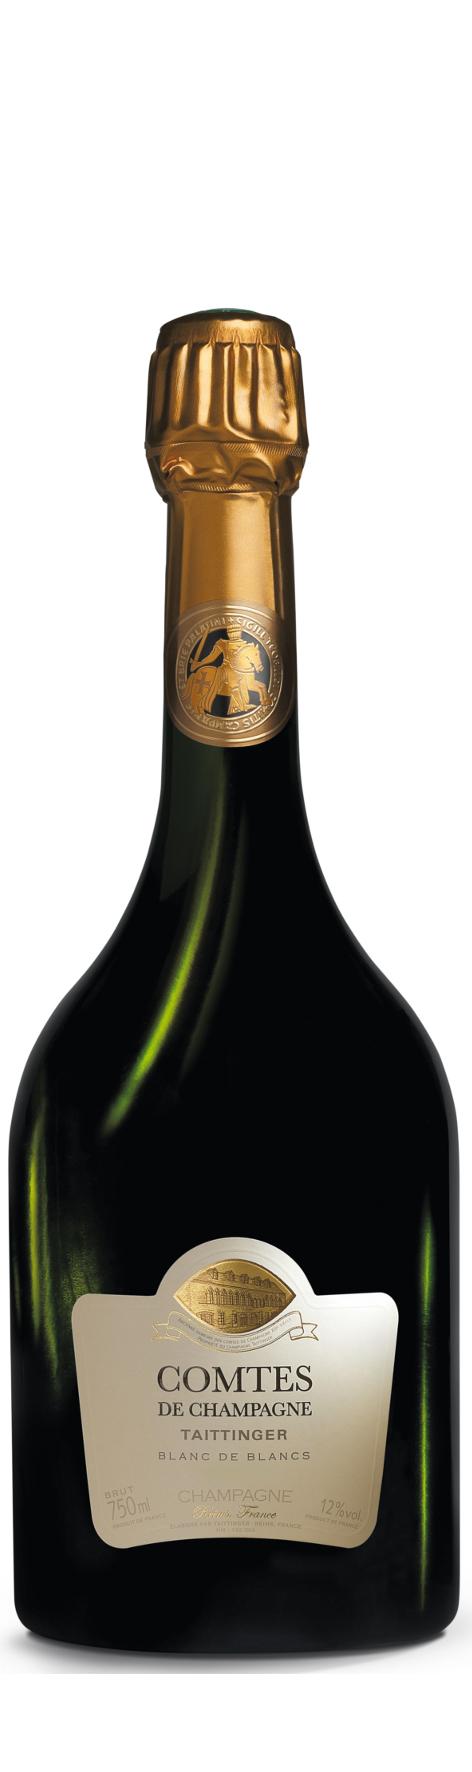 Comtes de Champagne Taittinger Blanc de Blancs